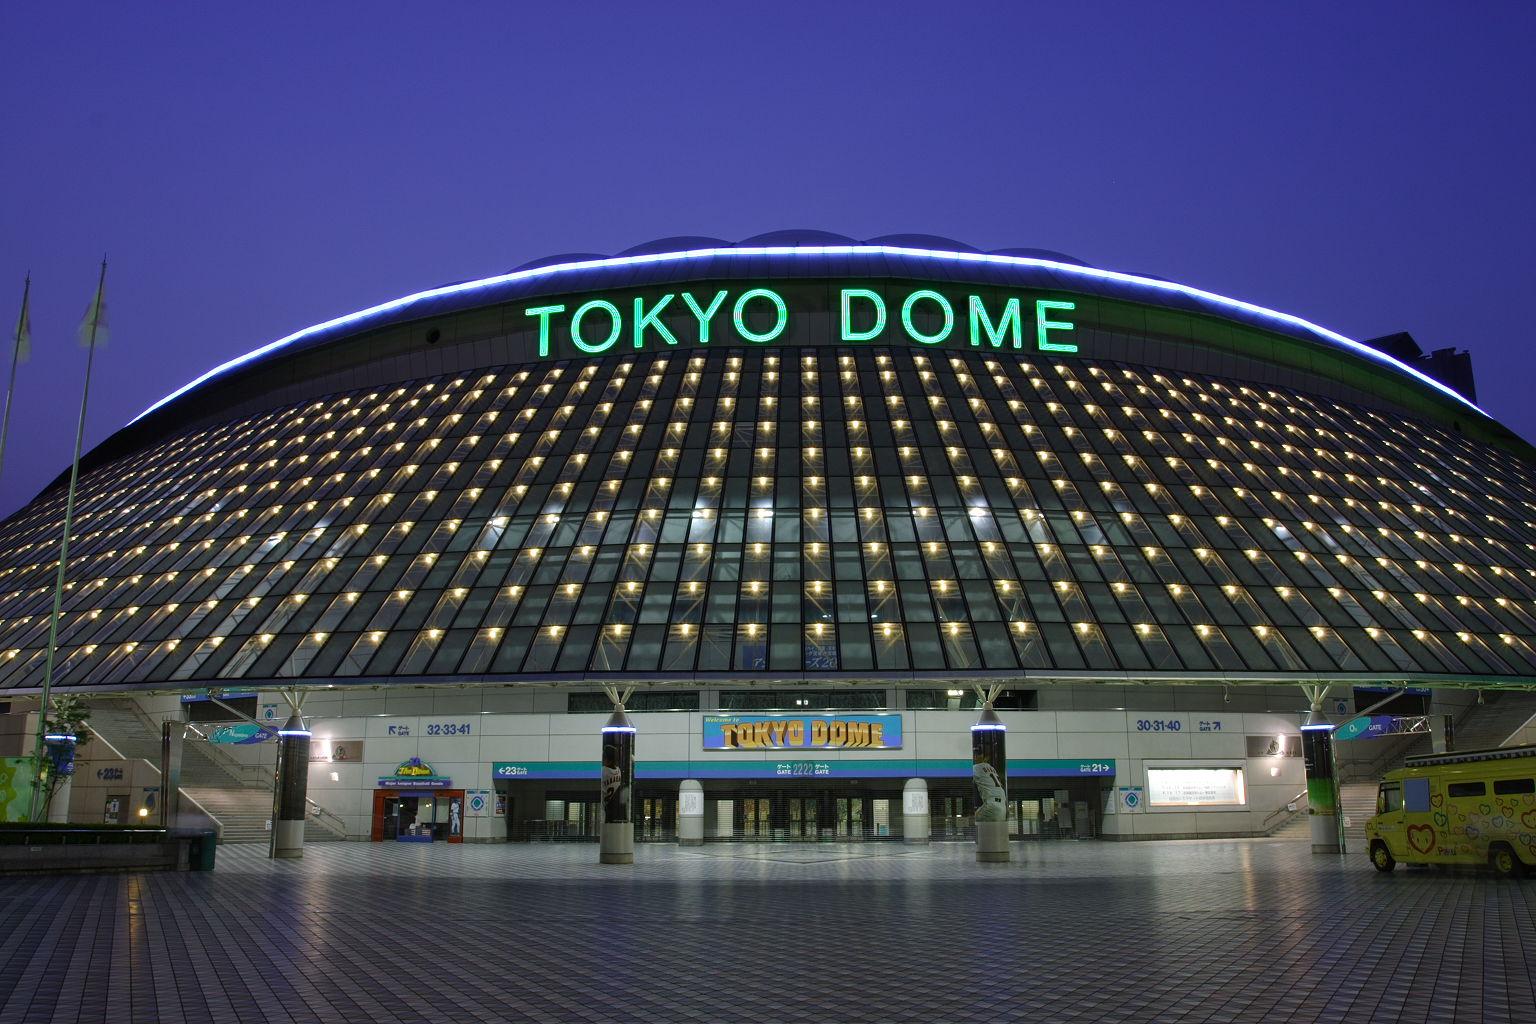 「幻の新日本東京ドーム大会」【後世の残したいプロレス史】